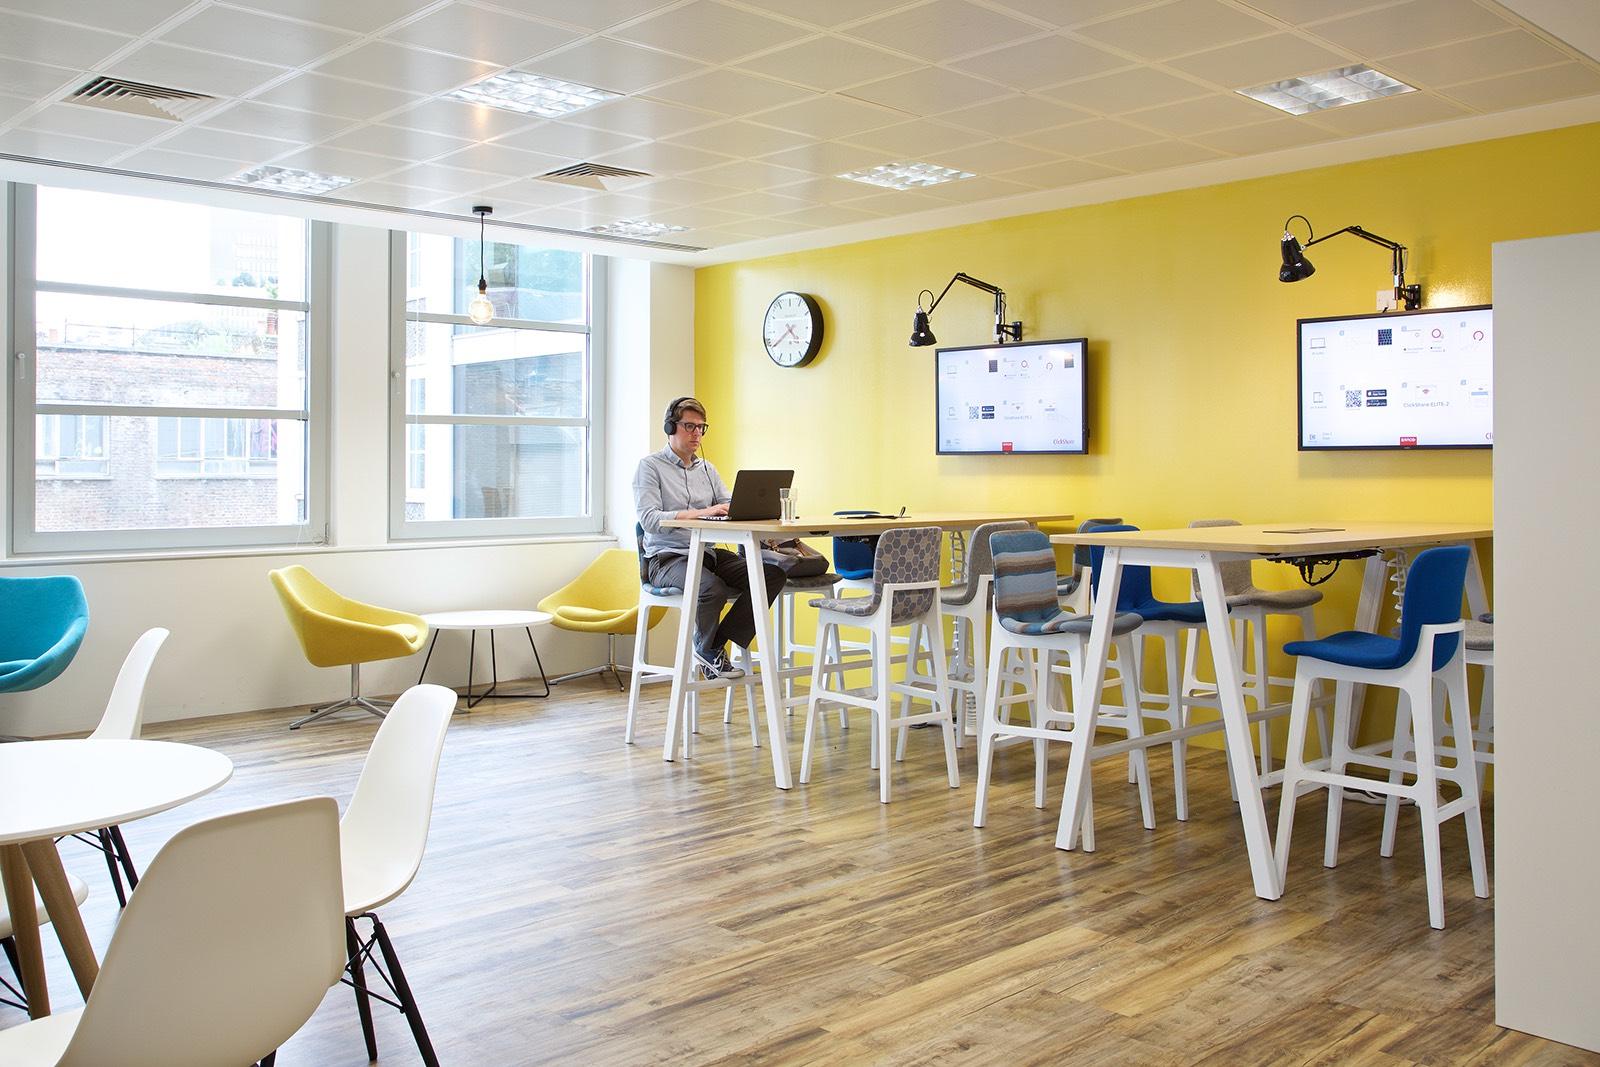 sage-publishing-office-5